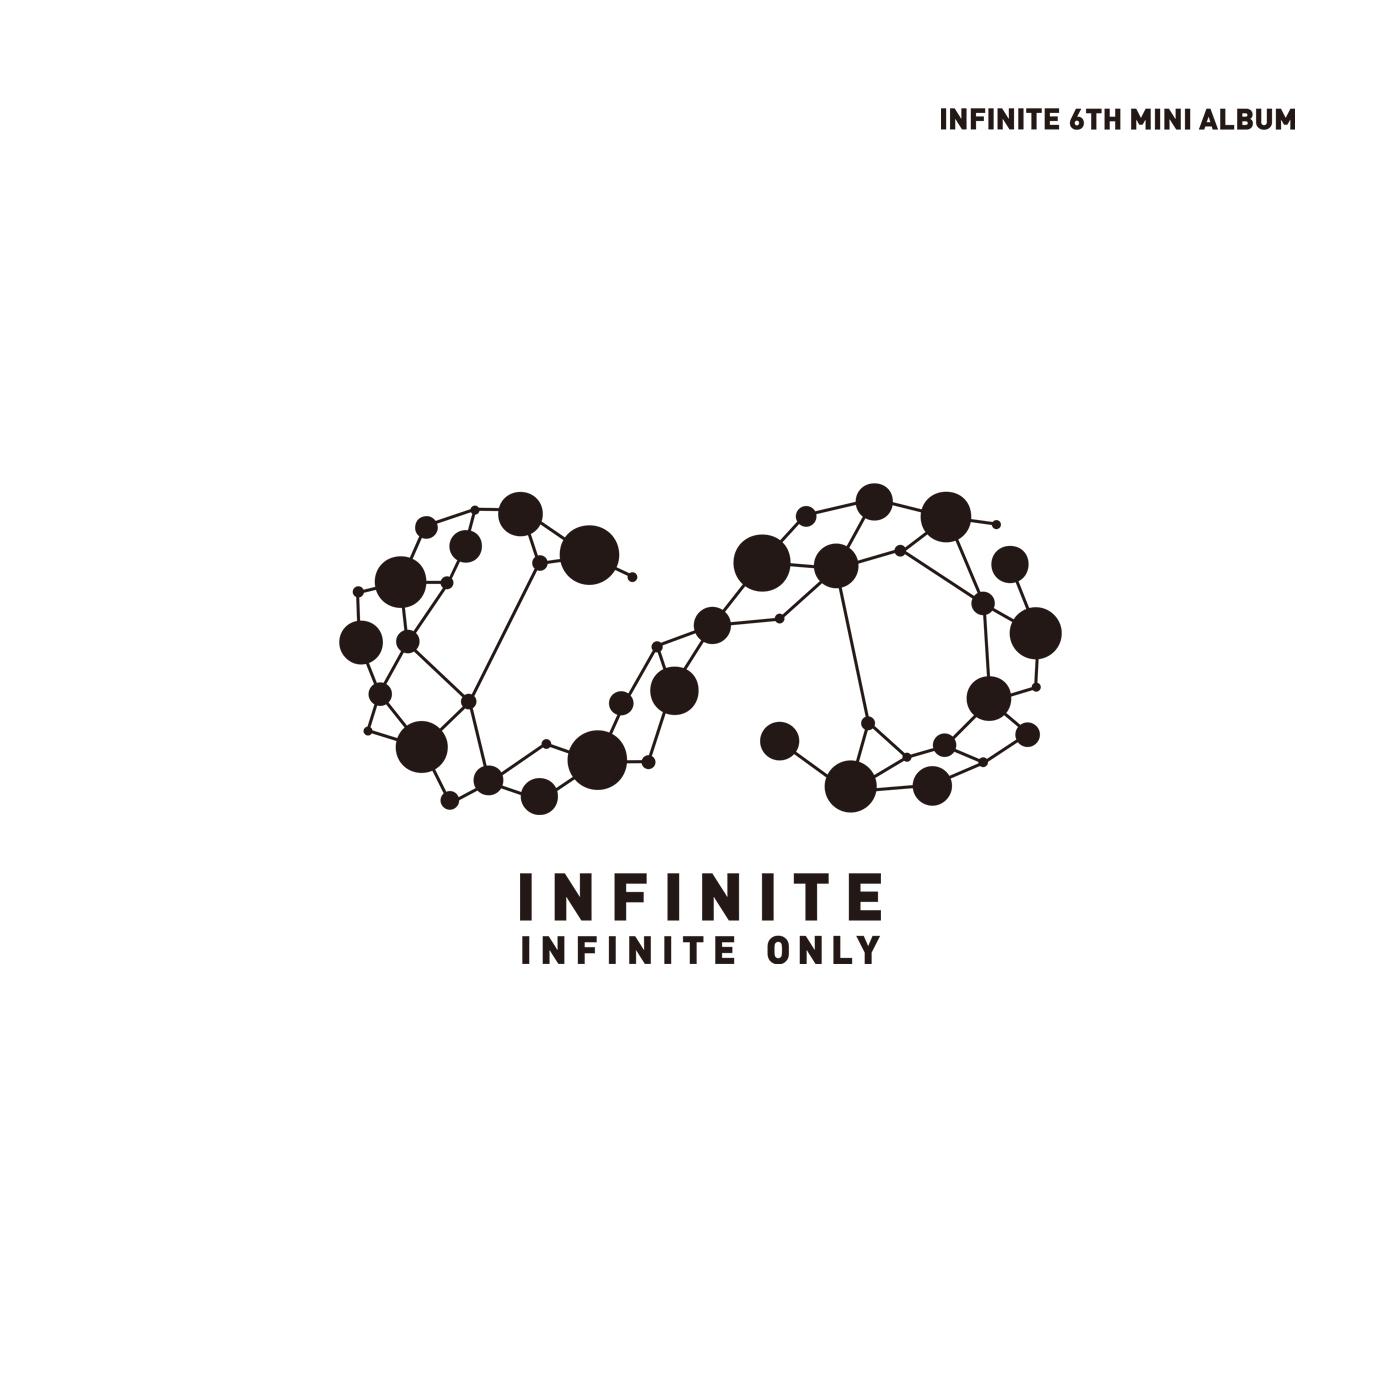 [INFINITE] INFINITE ONLY